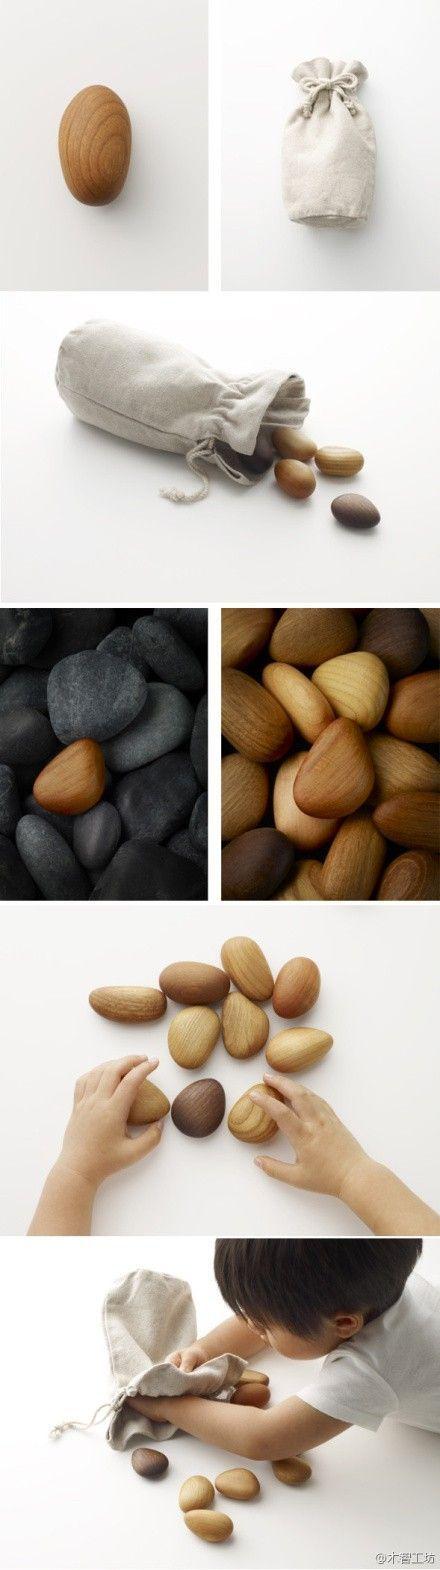 """""""Holzstein"""" Taku Satoh entwarf den Holzstein, der sorgfältig mit verschiedenen …"""